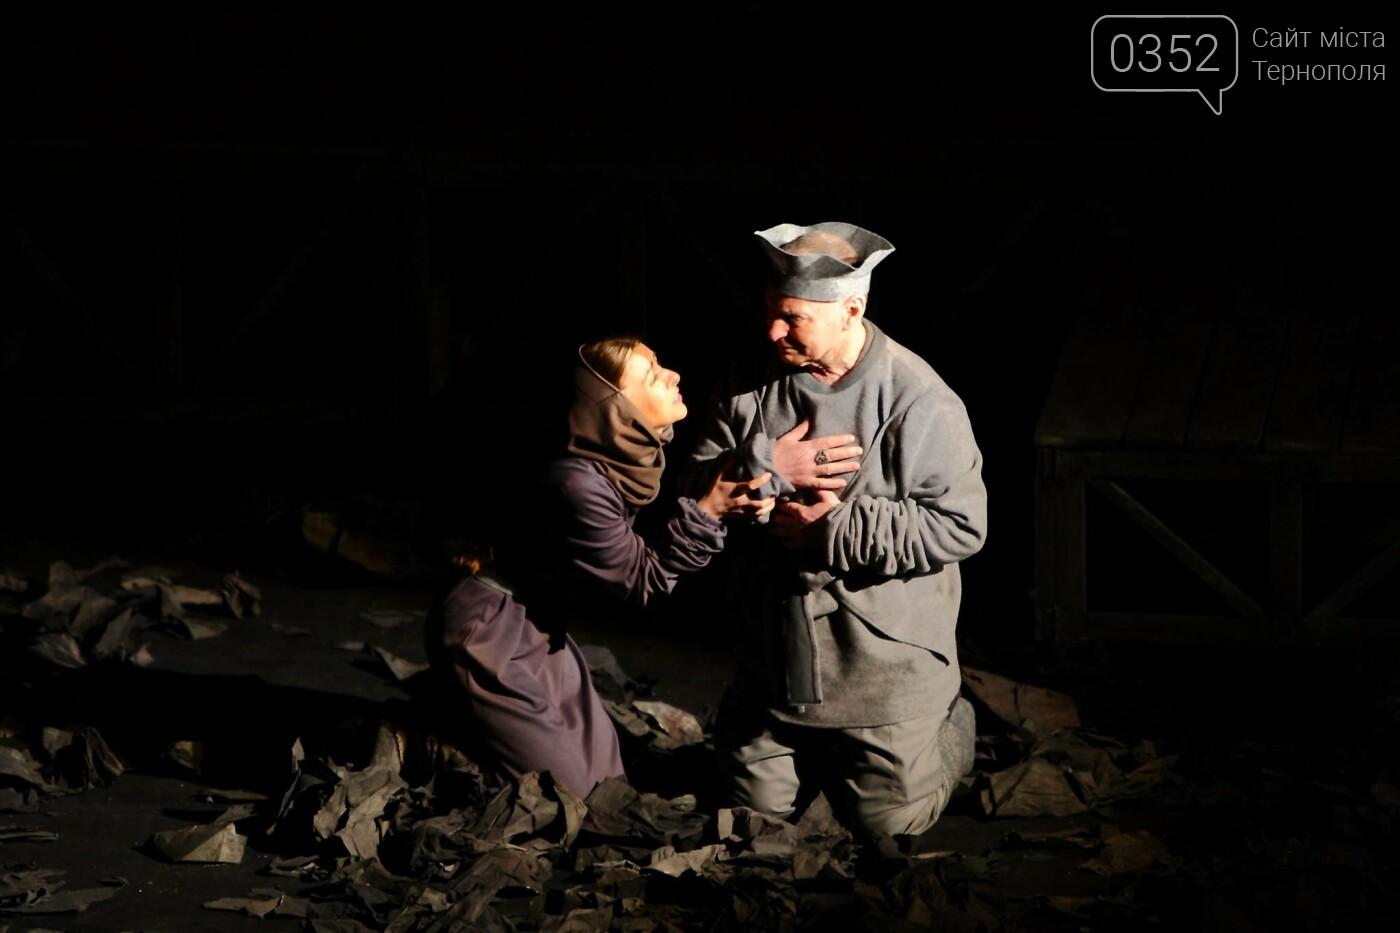 Перестало битися серце народного артиста України (ФОТО), фото-4